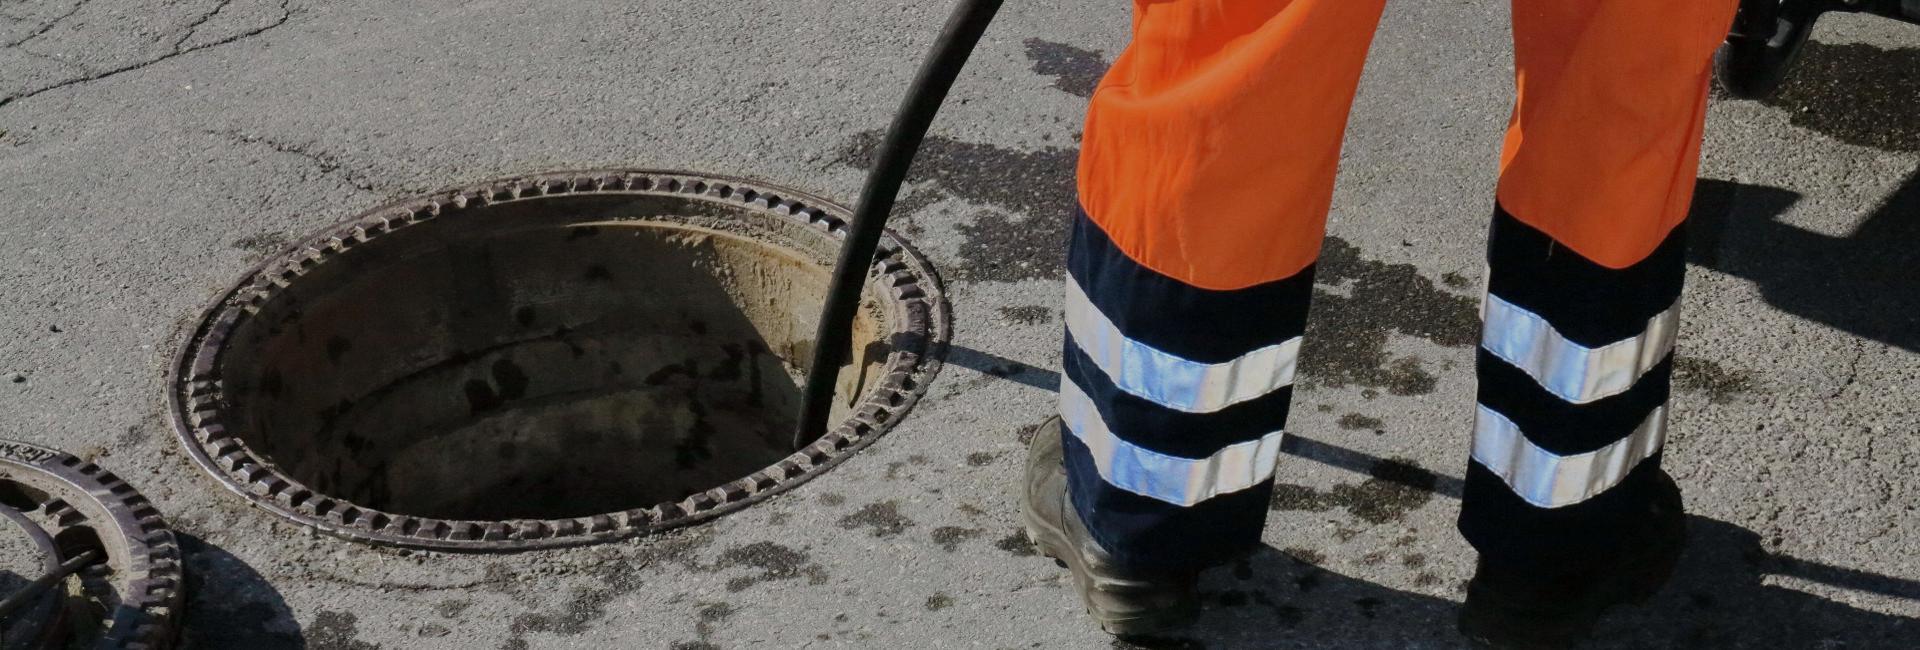 blocked drains edinburgh